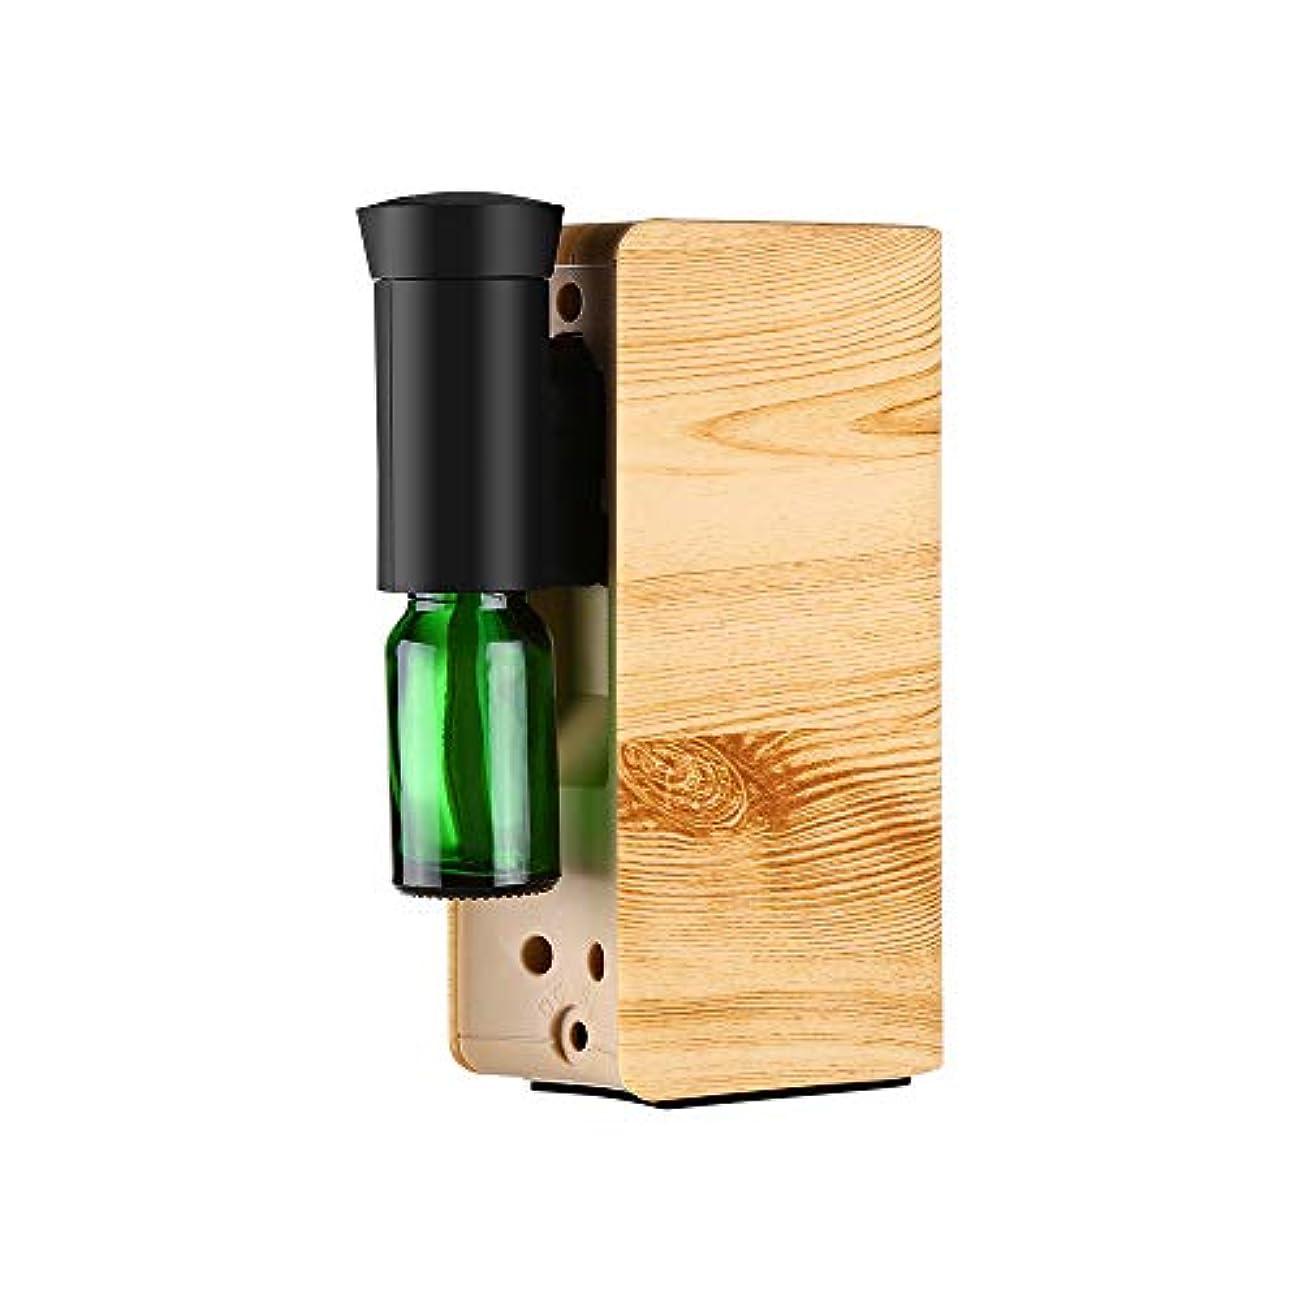 構成する演じる増幅器Elikliv アロマディフューザー オイル ネブライザー式 車 家庭で使用 USB充電式 アロマバーナー